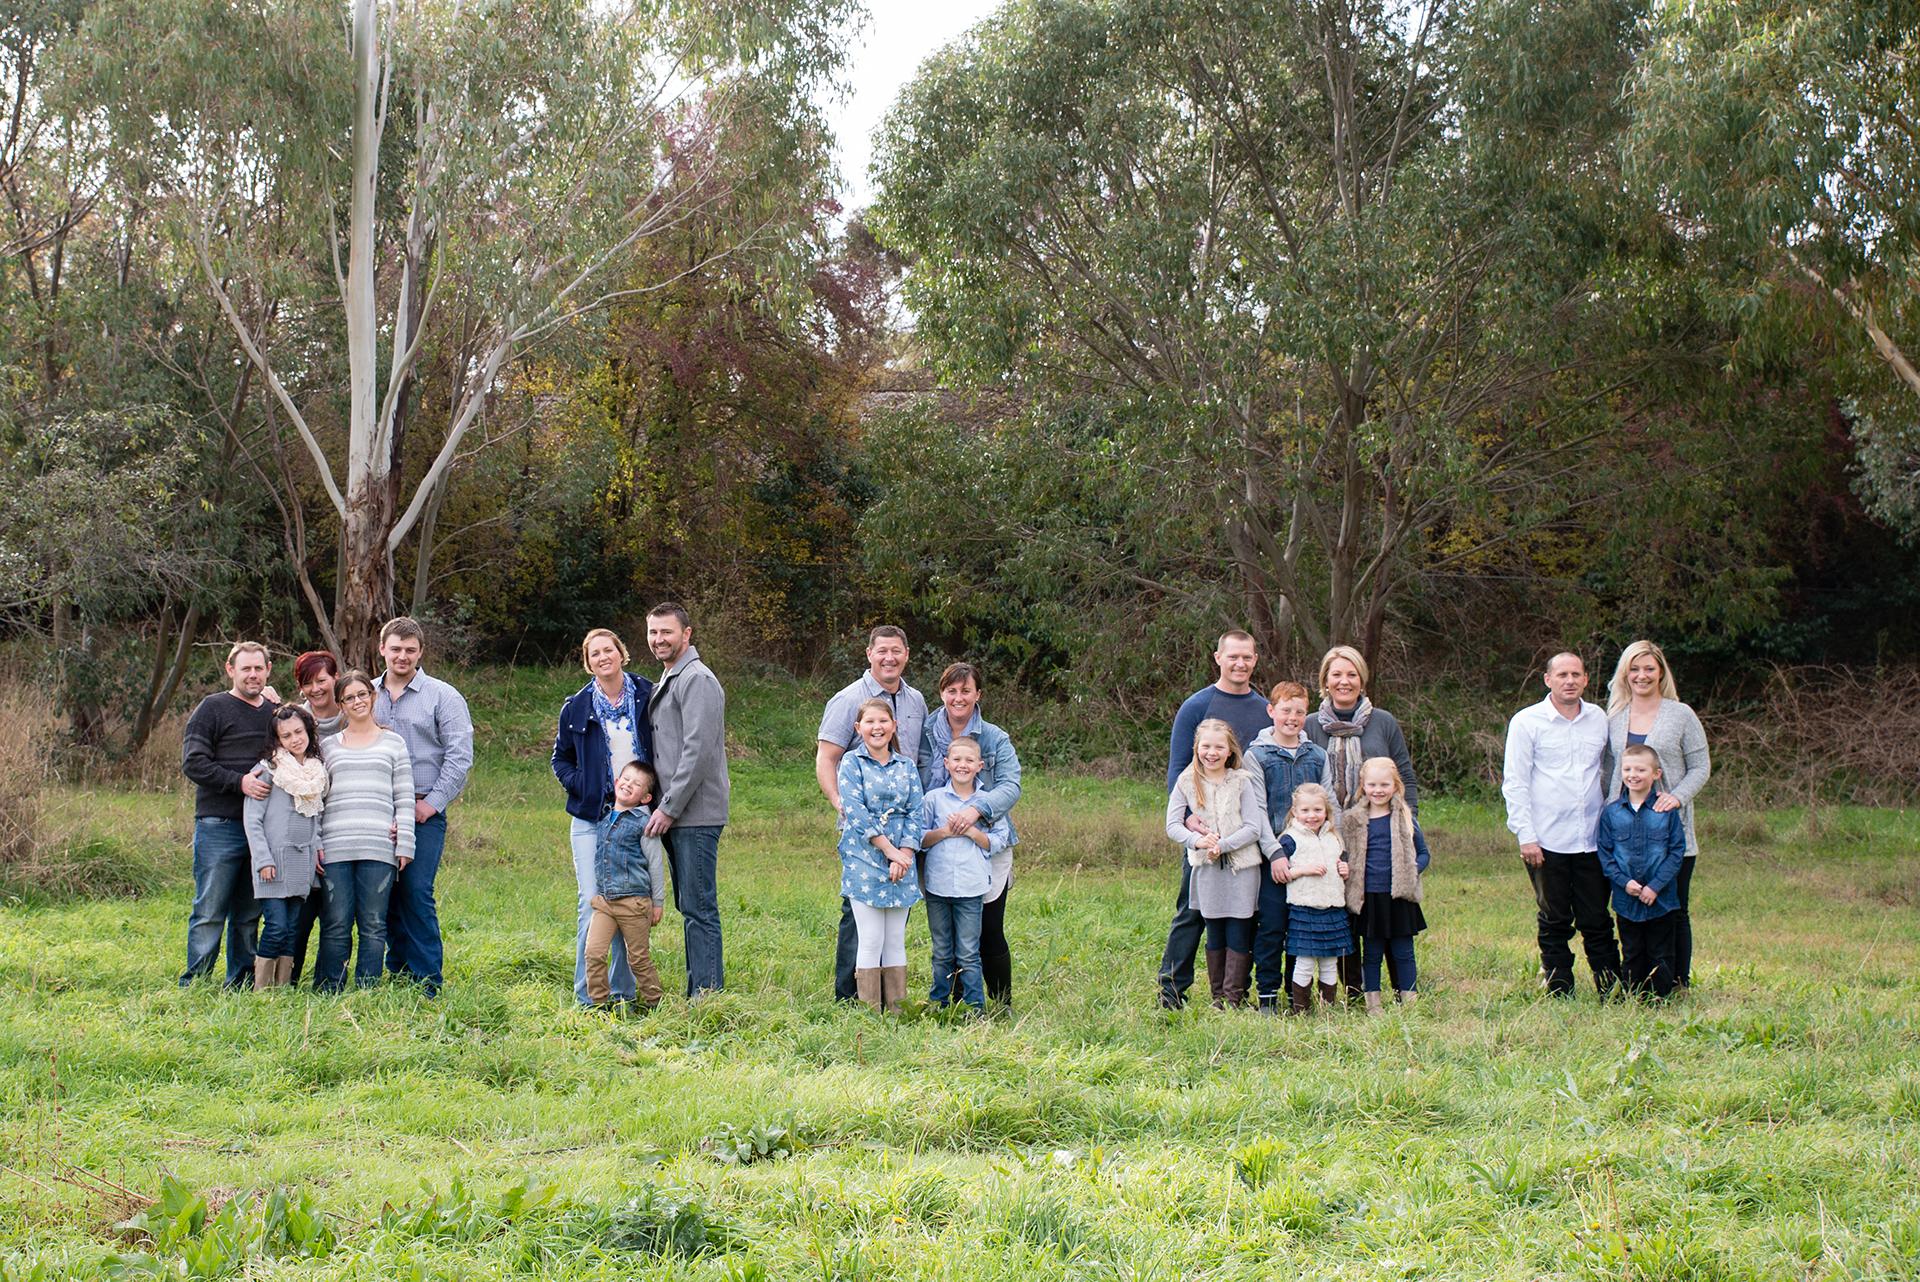 Goulburn Extended Family Photographer 7